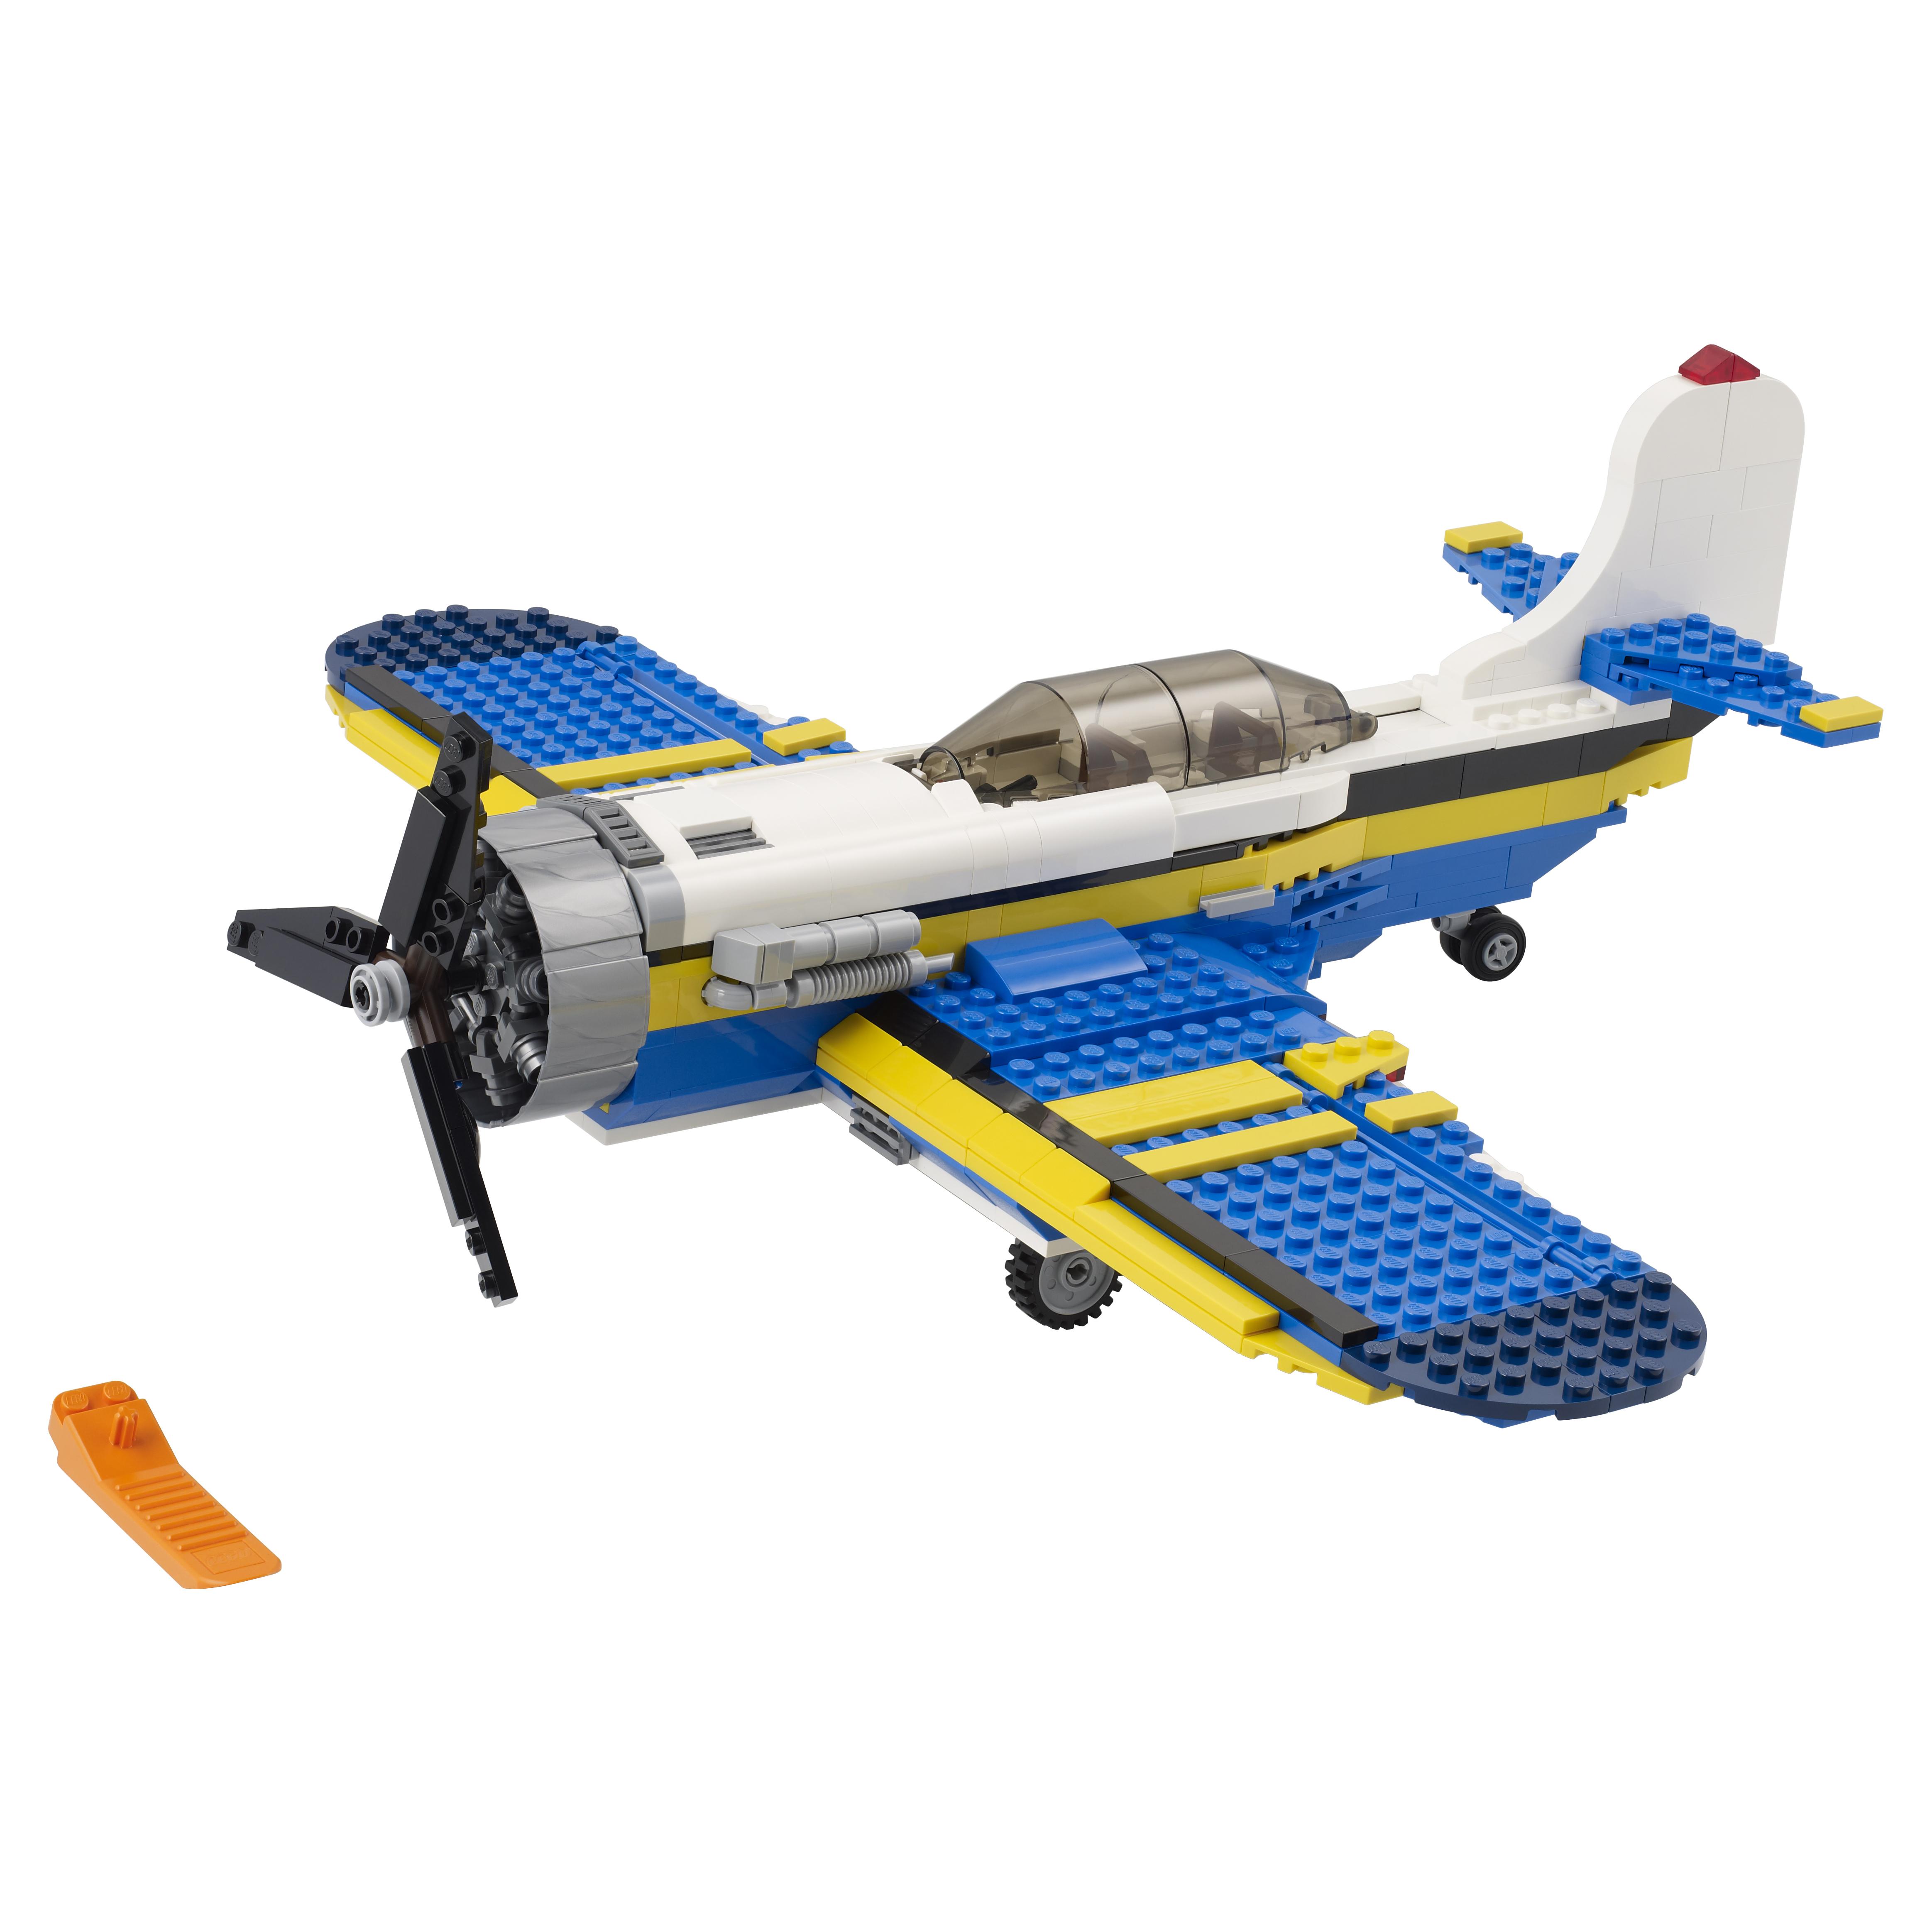 Конструктор LEGO Creator Авиационные приключения (31011) конструктор lego creator авиационные приключения 31011